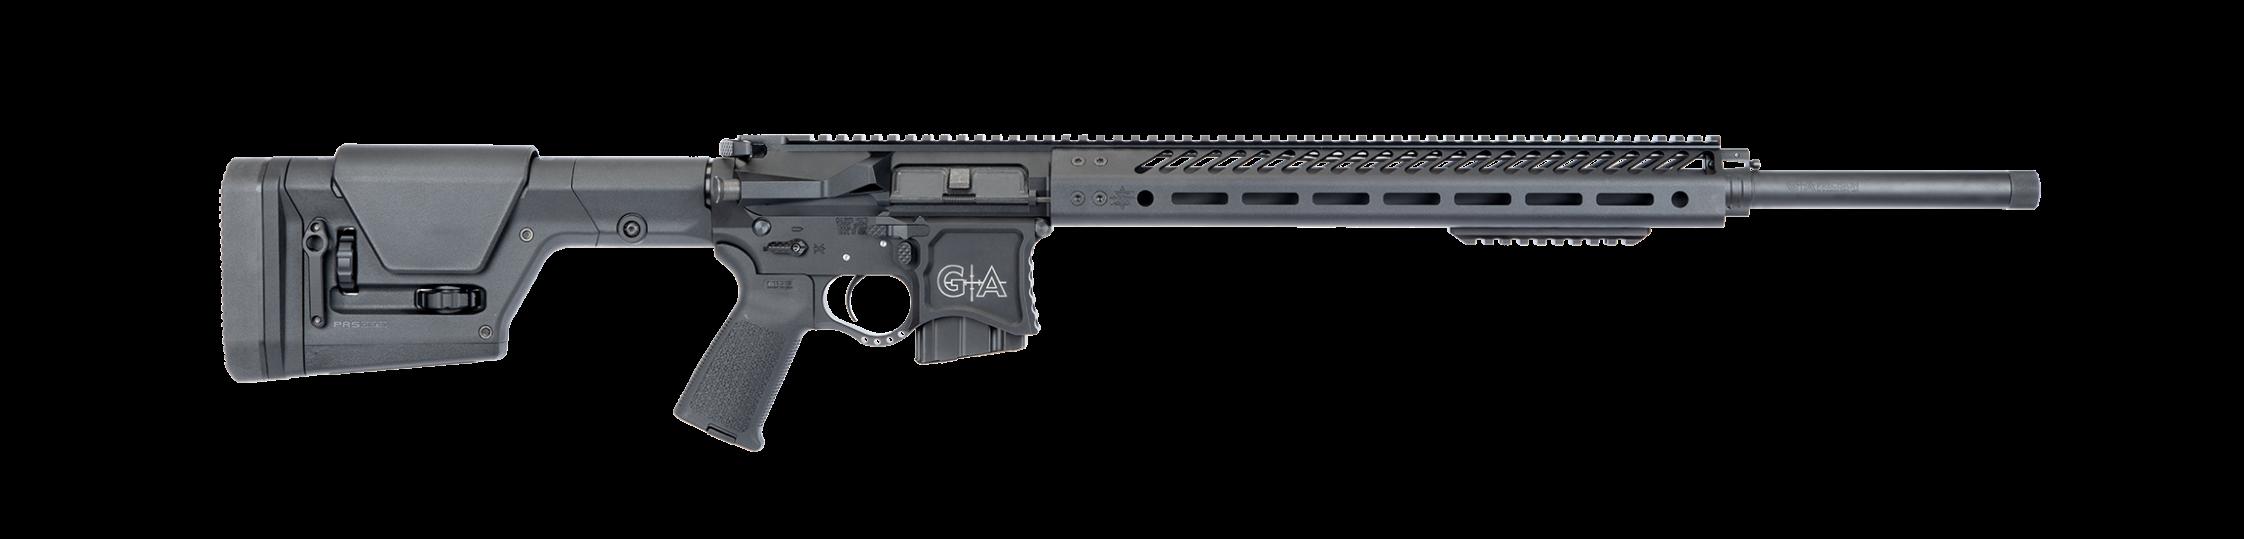 GAP-15